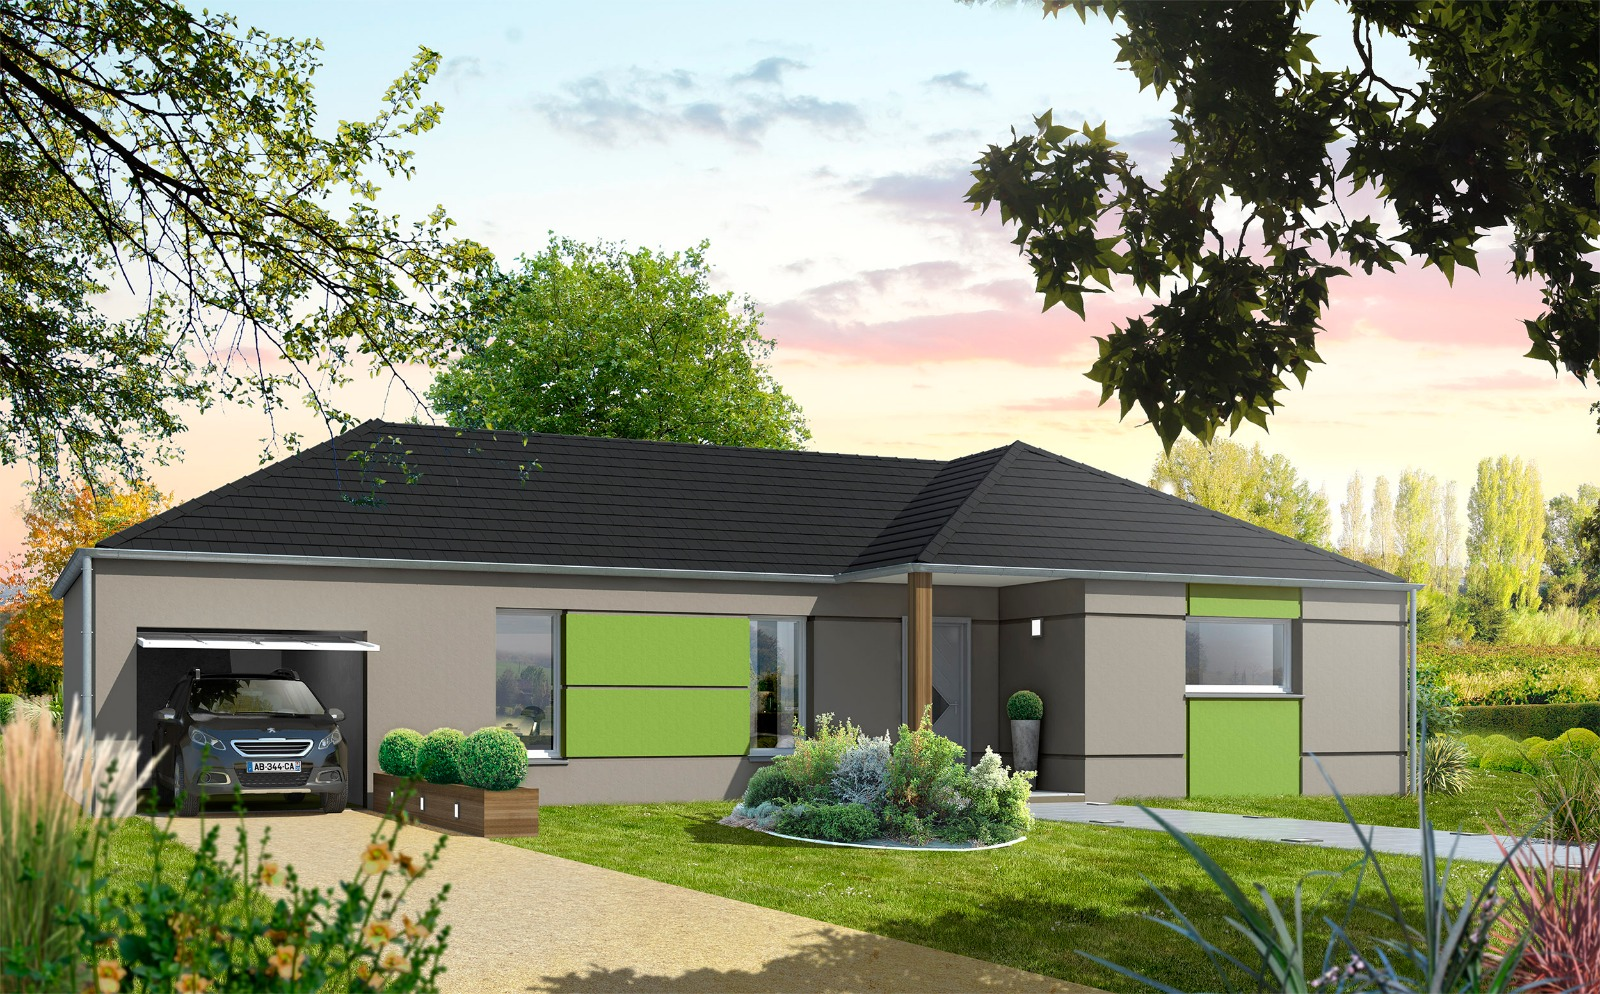 Maison 90 m2 - Courlon-sur-Yonne - Compagnons Constructeurs